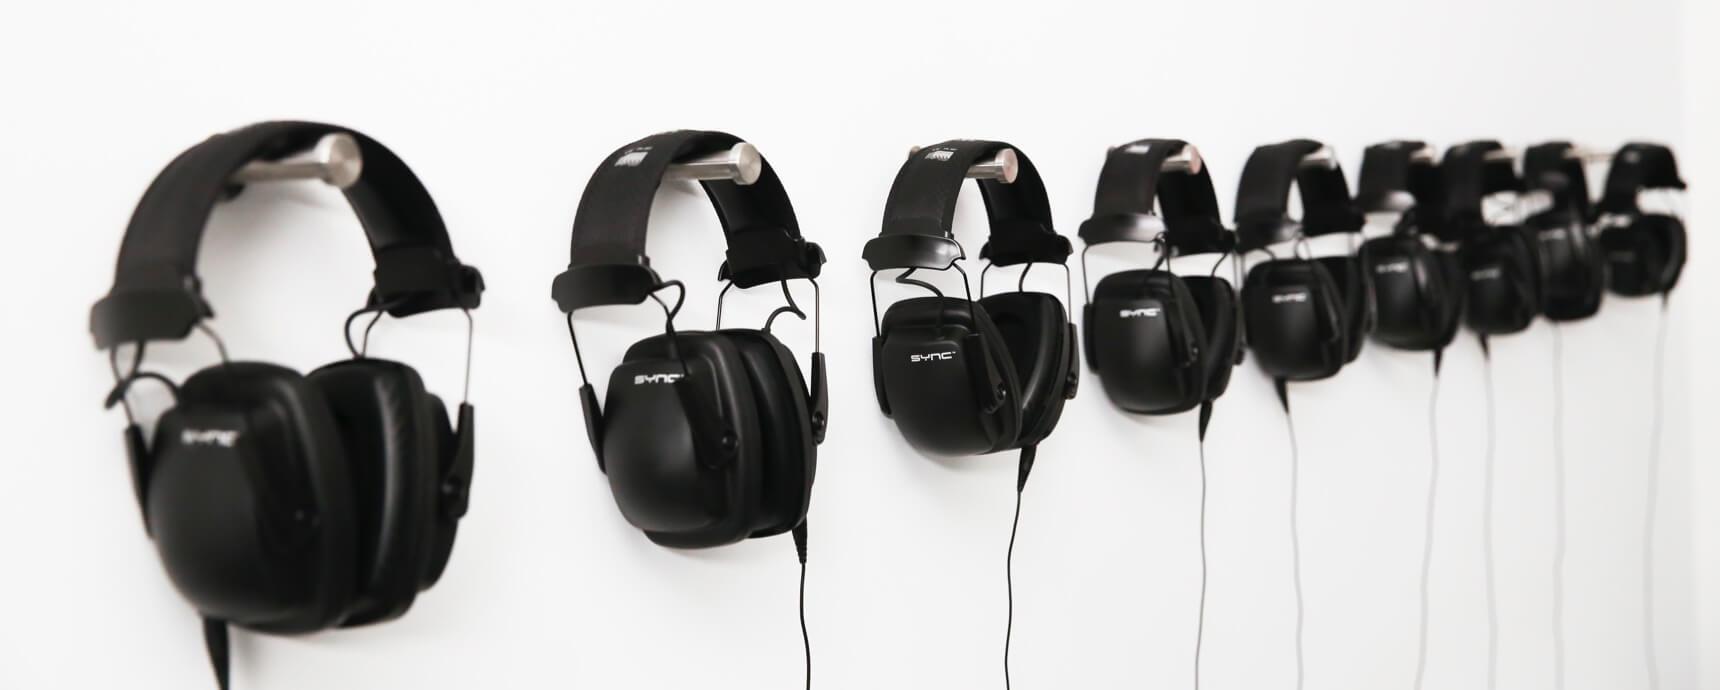 Kopfhörer an der Wand